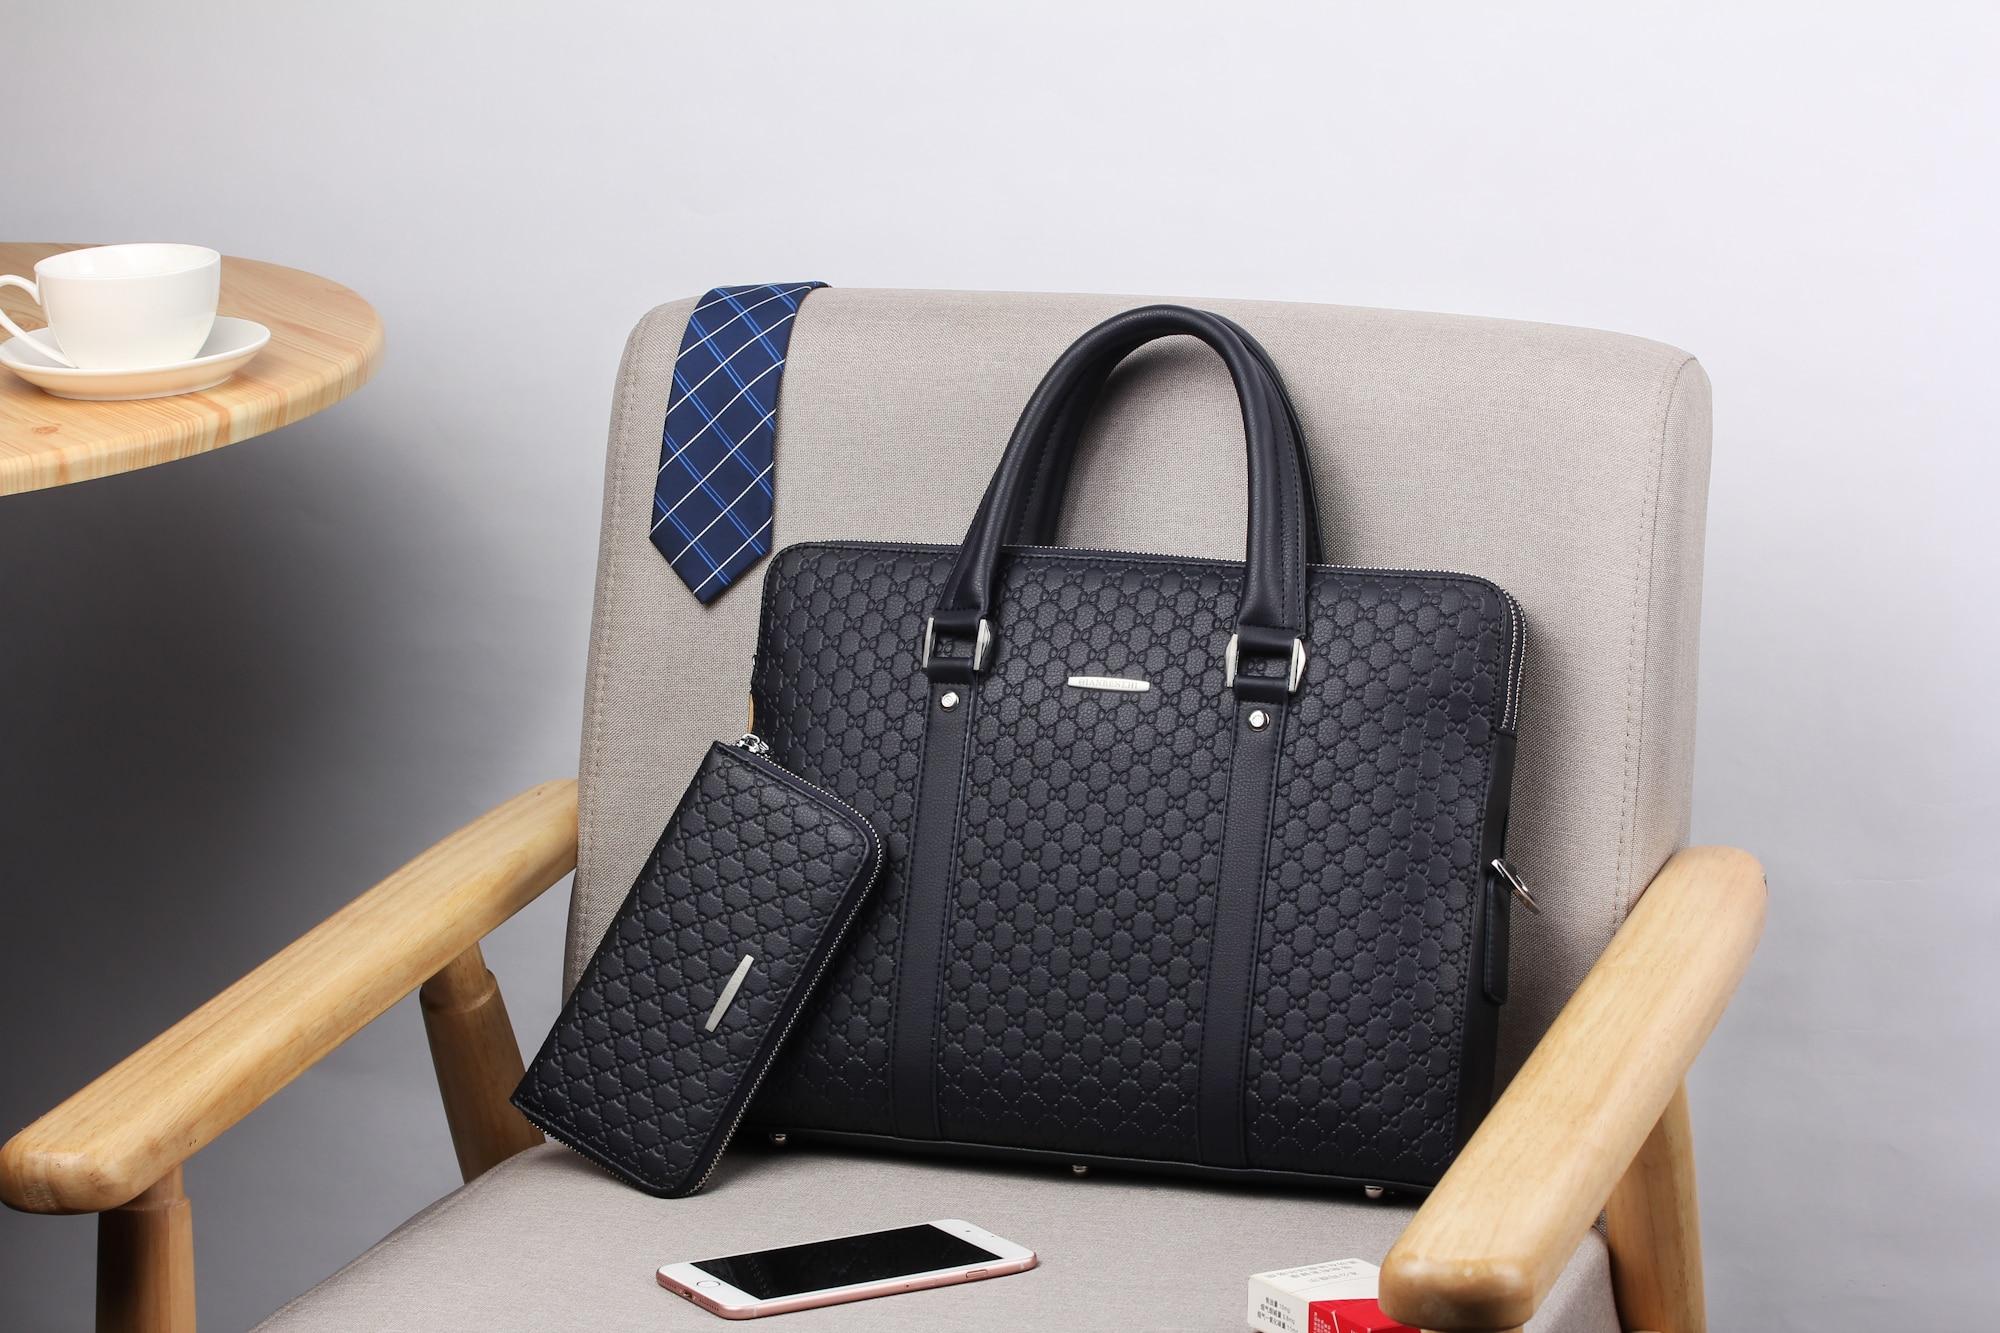 HTB1n8ngbBiE3KVjSZFMq6zQhVXaF Double Layers Men's Microfiber Synthetic Leather Business Briefcase Casual Shoulder Bag Messenger Bag Laptop Handbag Travel Bag